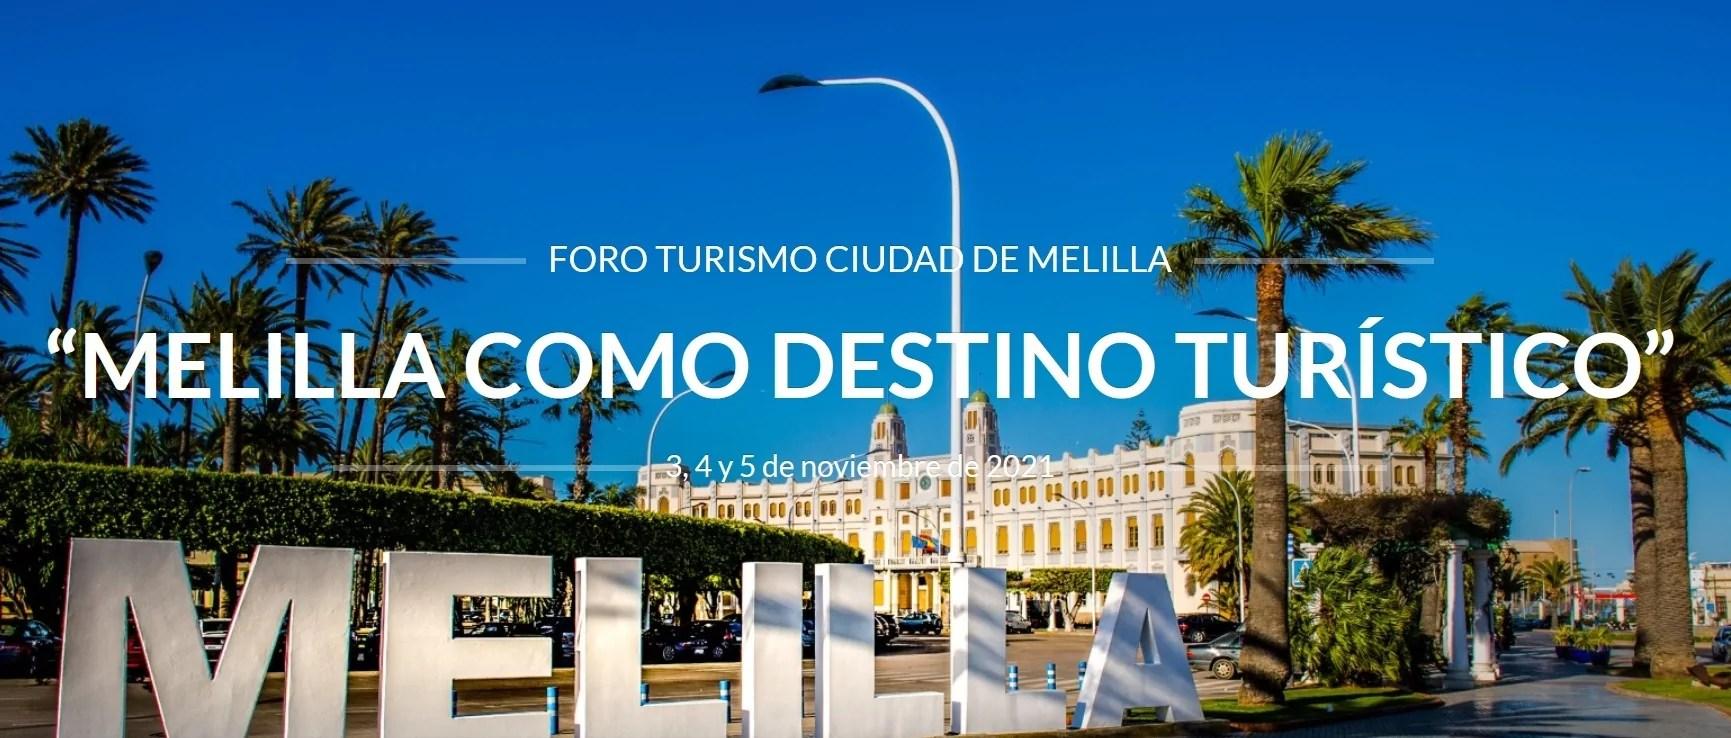 Imagen de portada de El I Foro Turismo Ciudad de Melilla reúne  a profesionales del sector, investigación en el ámbito de la gestión y estudiantes